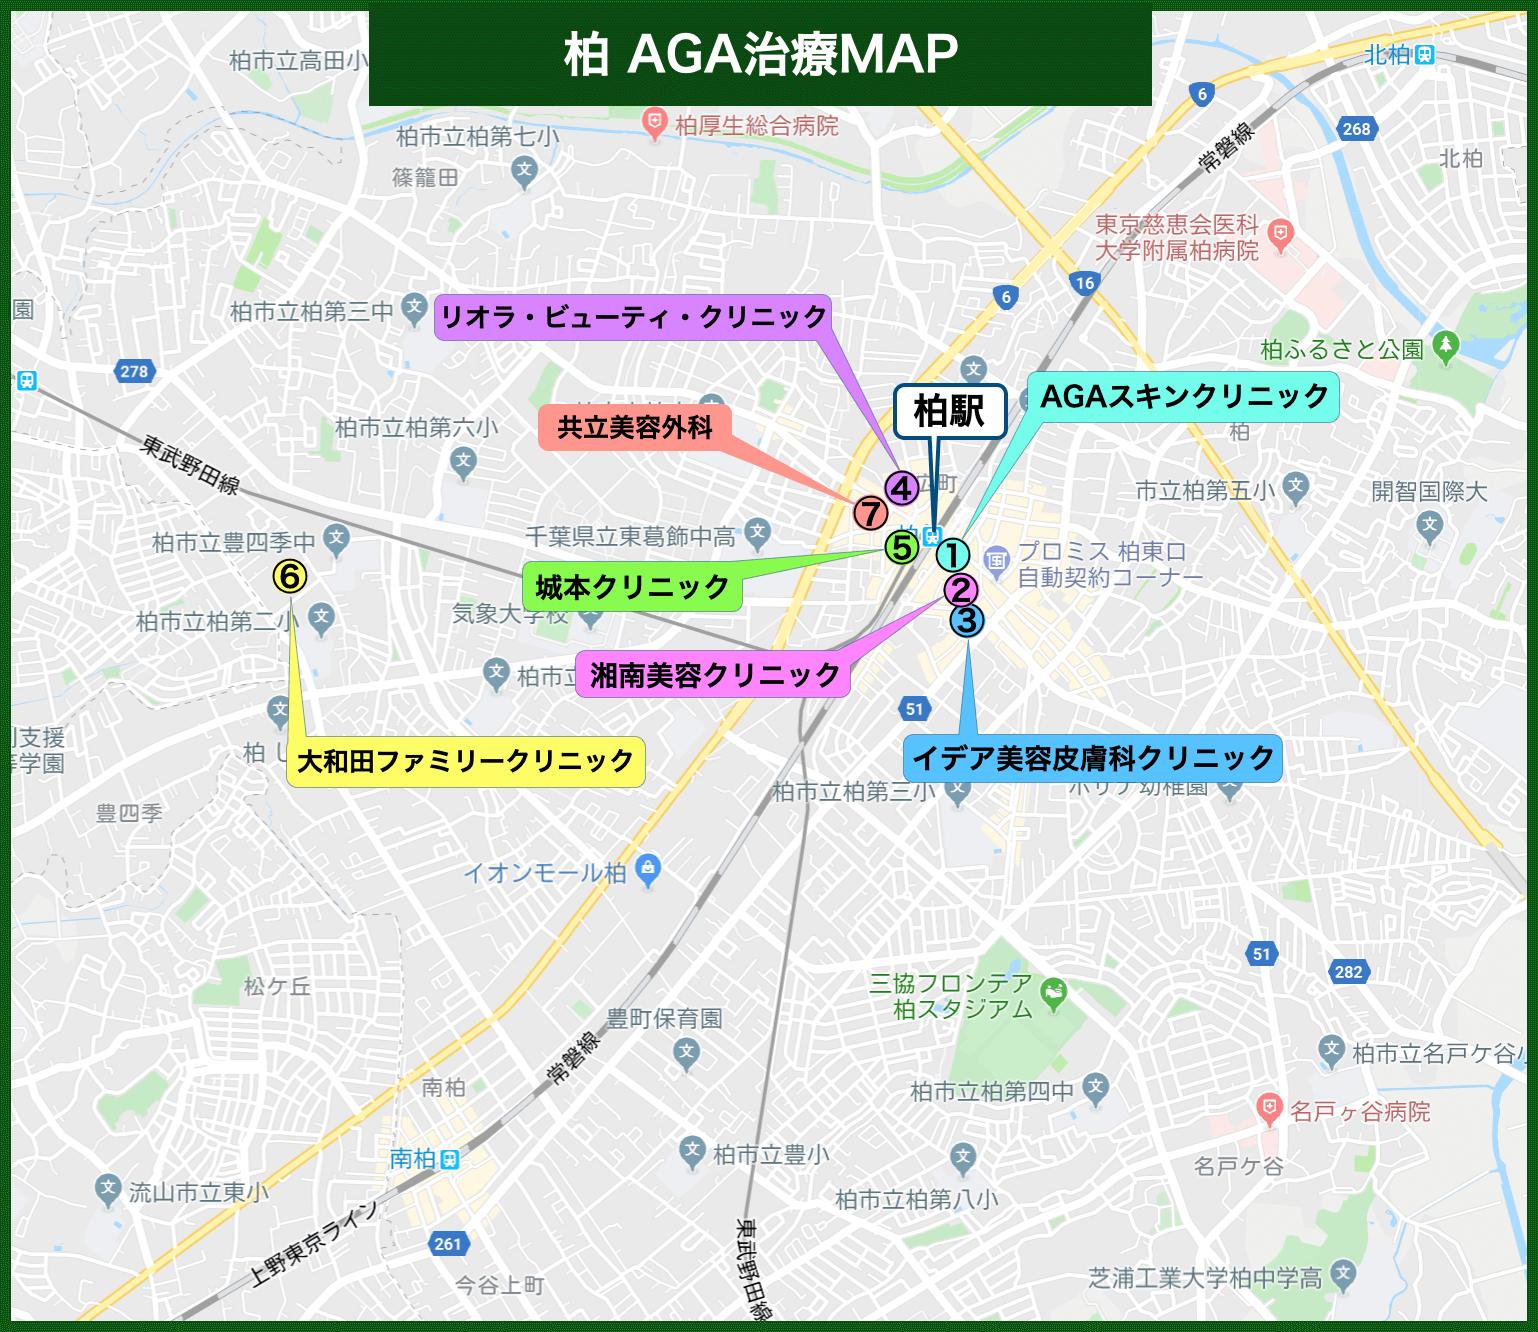 柏 AGA治療MAP